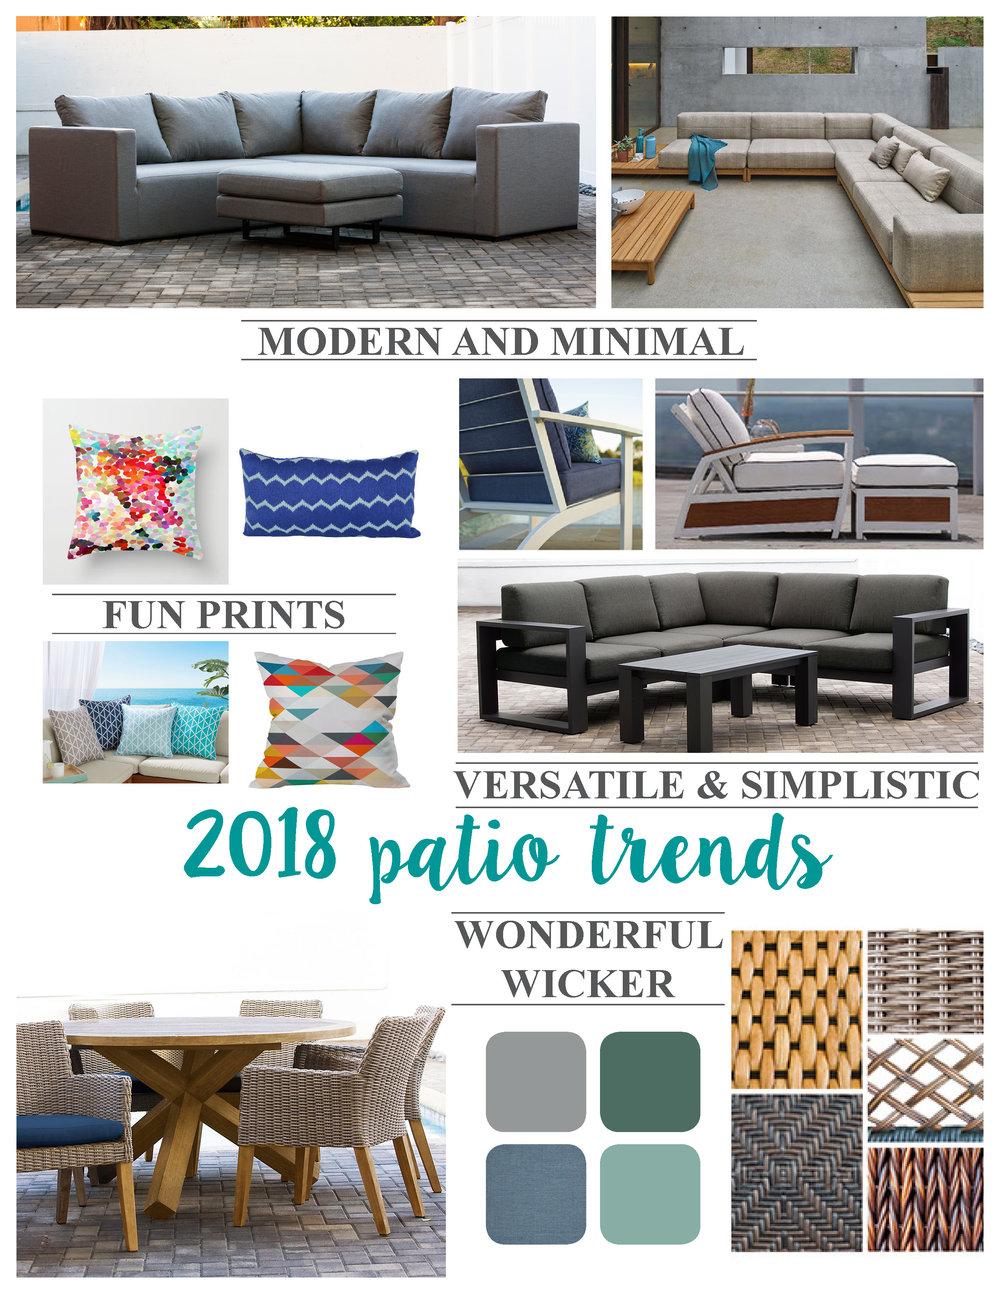 Patio Trends 2018.jpg